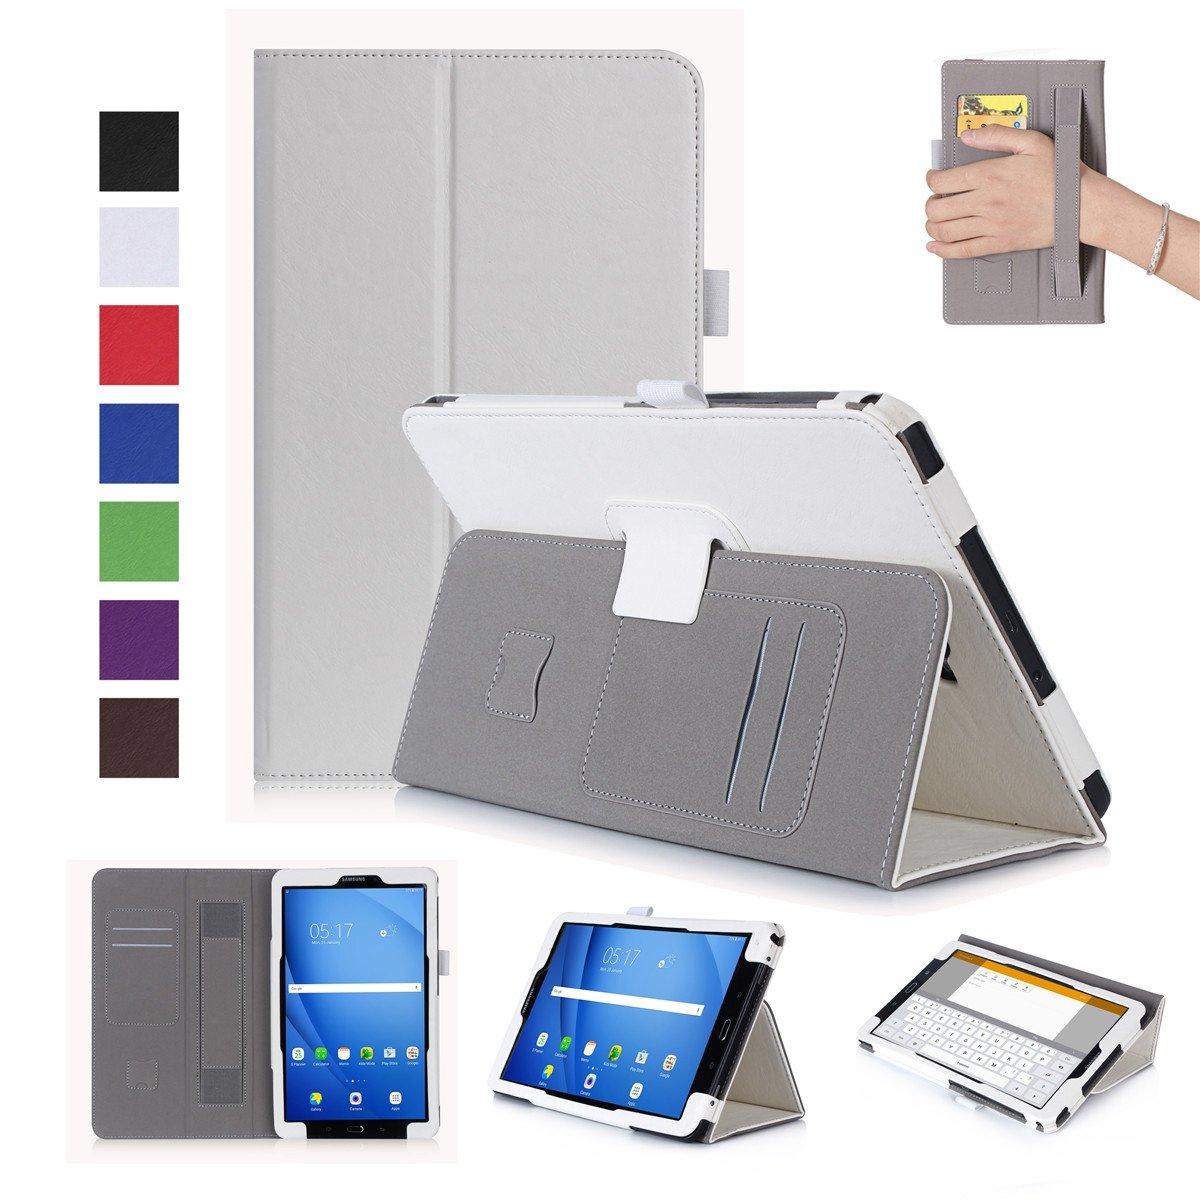 素晴らしい外見 Scheam Samsung VG38-IP-629 Galaxy に対応 Tab A - 10.1 T580 ケース [ポータブル財布] [スリムフィット] 高耐久保護アクセサリー フリップカバー ウォレットケース Samsung Galaxy Tab A 10.1 T580 に対応 - ホワイト, ホワイト, VG38-IP-629 ホワイト B07KSSNY9V, 玉野市:32c87b26 --- a0267596.xsph.ru